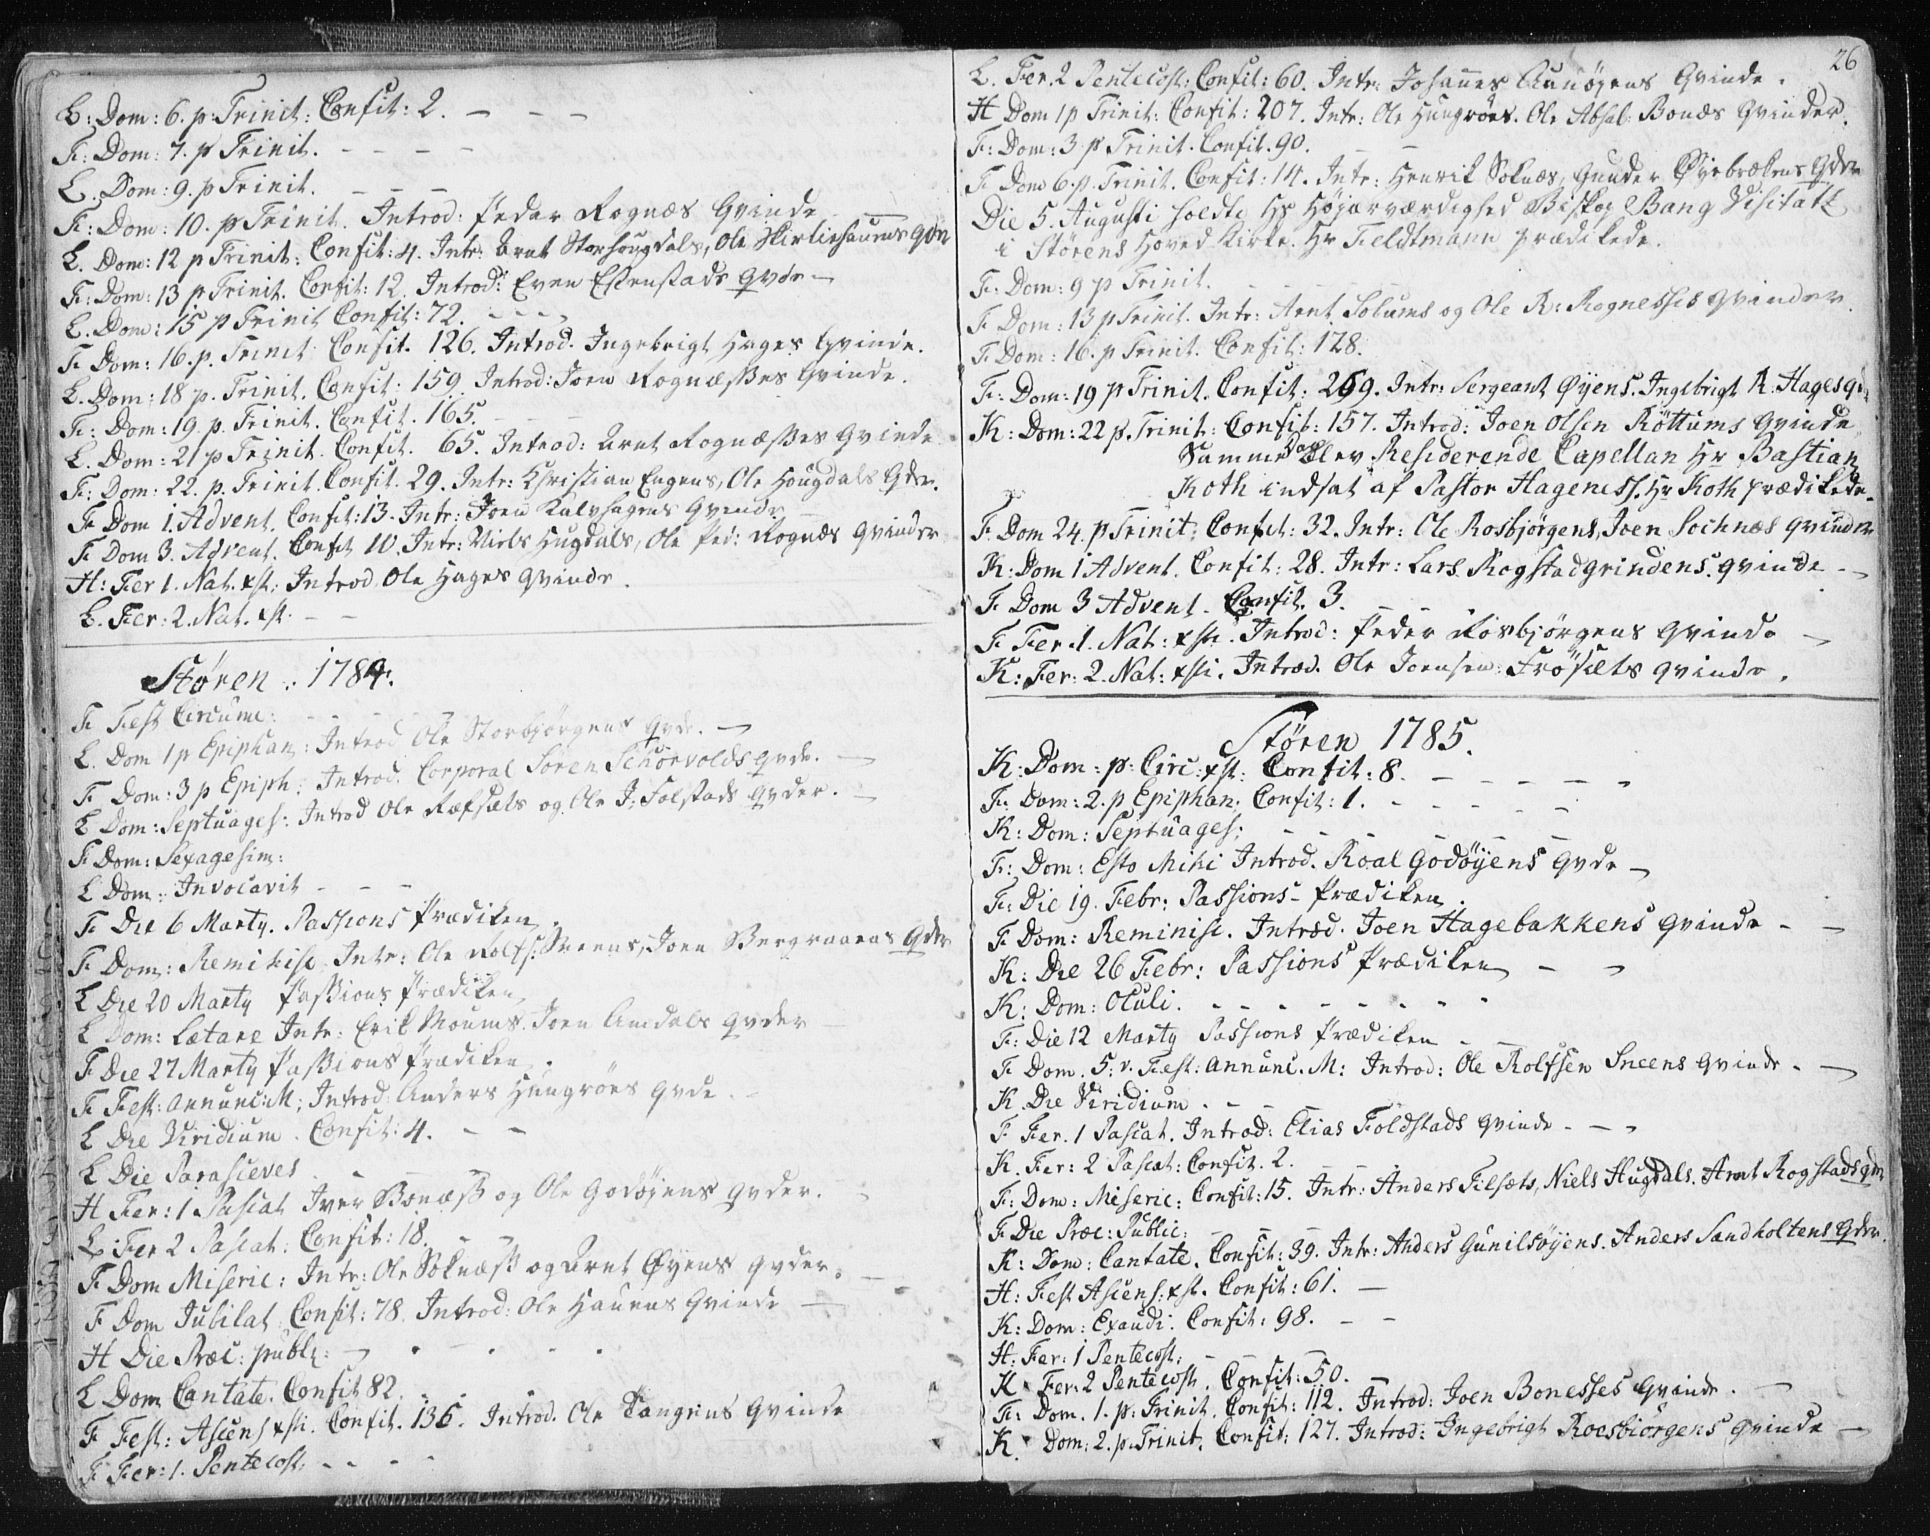 SAT, Ministerialprotokoller, klokkerbøker og fødselsregistre - Sør-Trøndelag, 687/L0991: Ministerialbok nr. 687A02, 1747-1790, s. 26